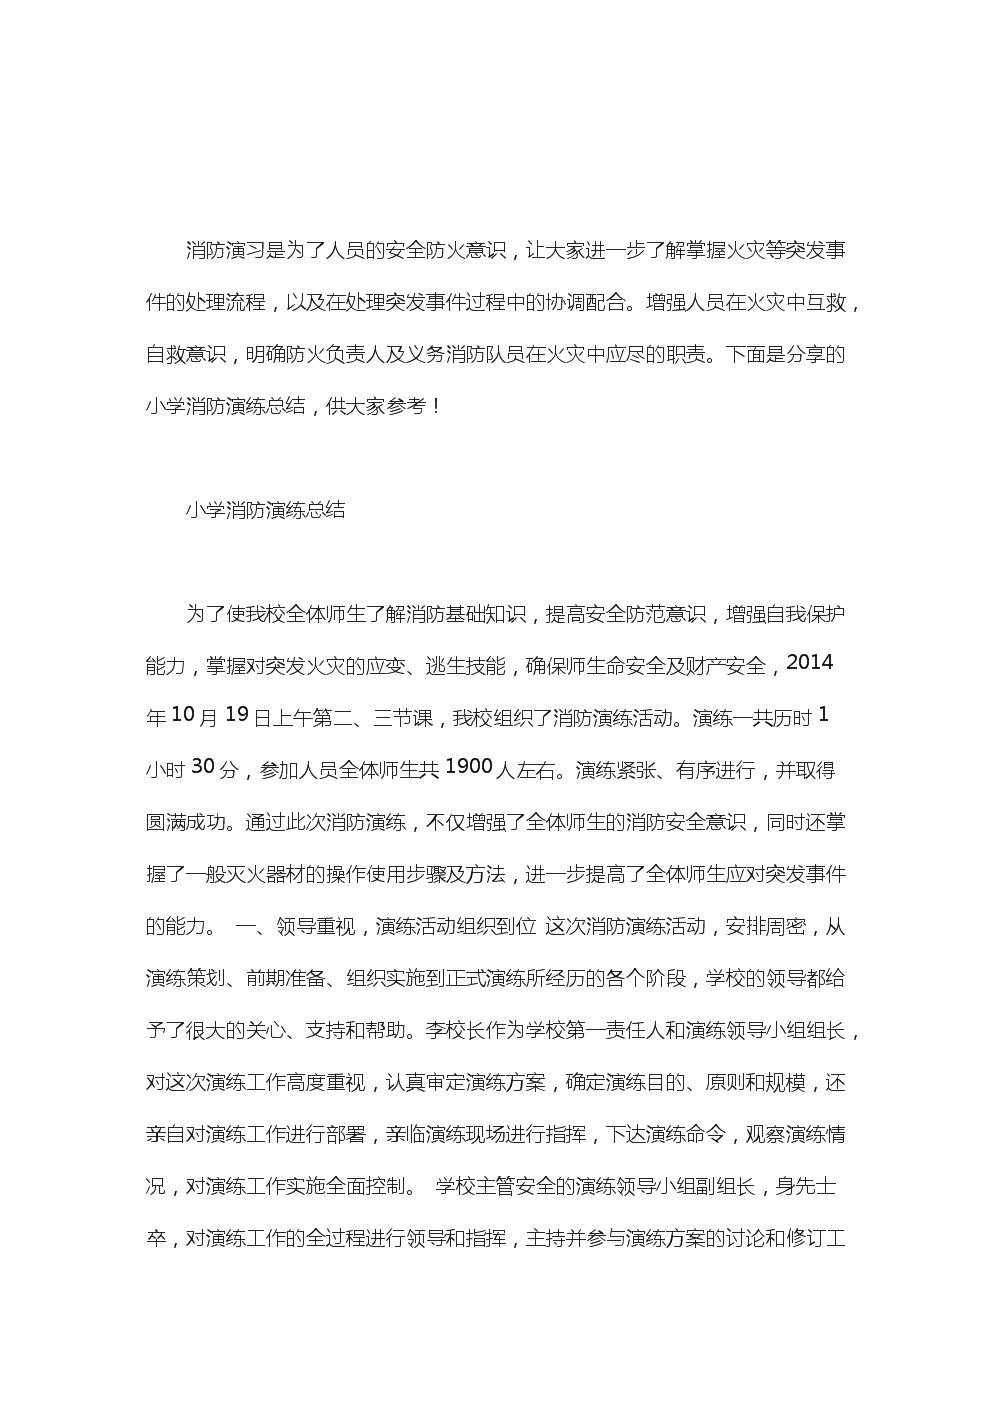 [学校消防演练总结]小学消防演练总结.doc